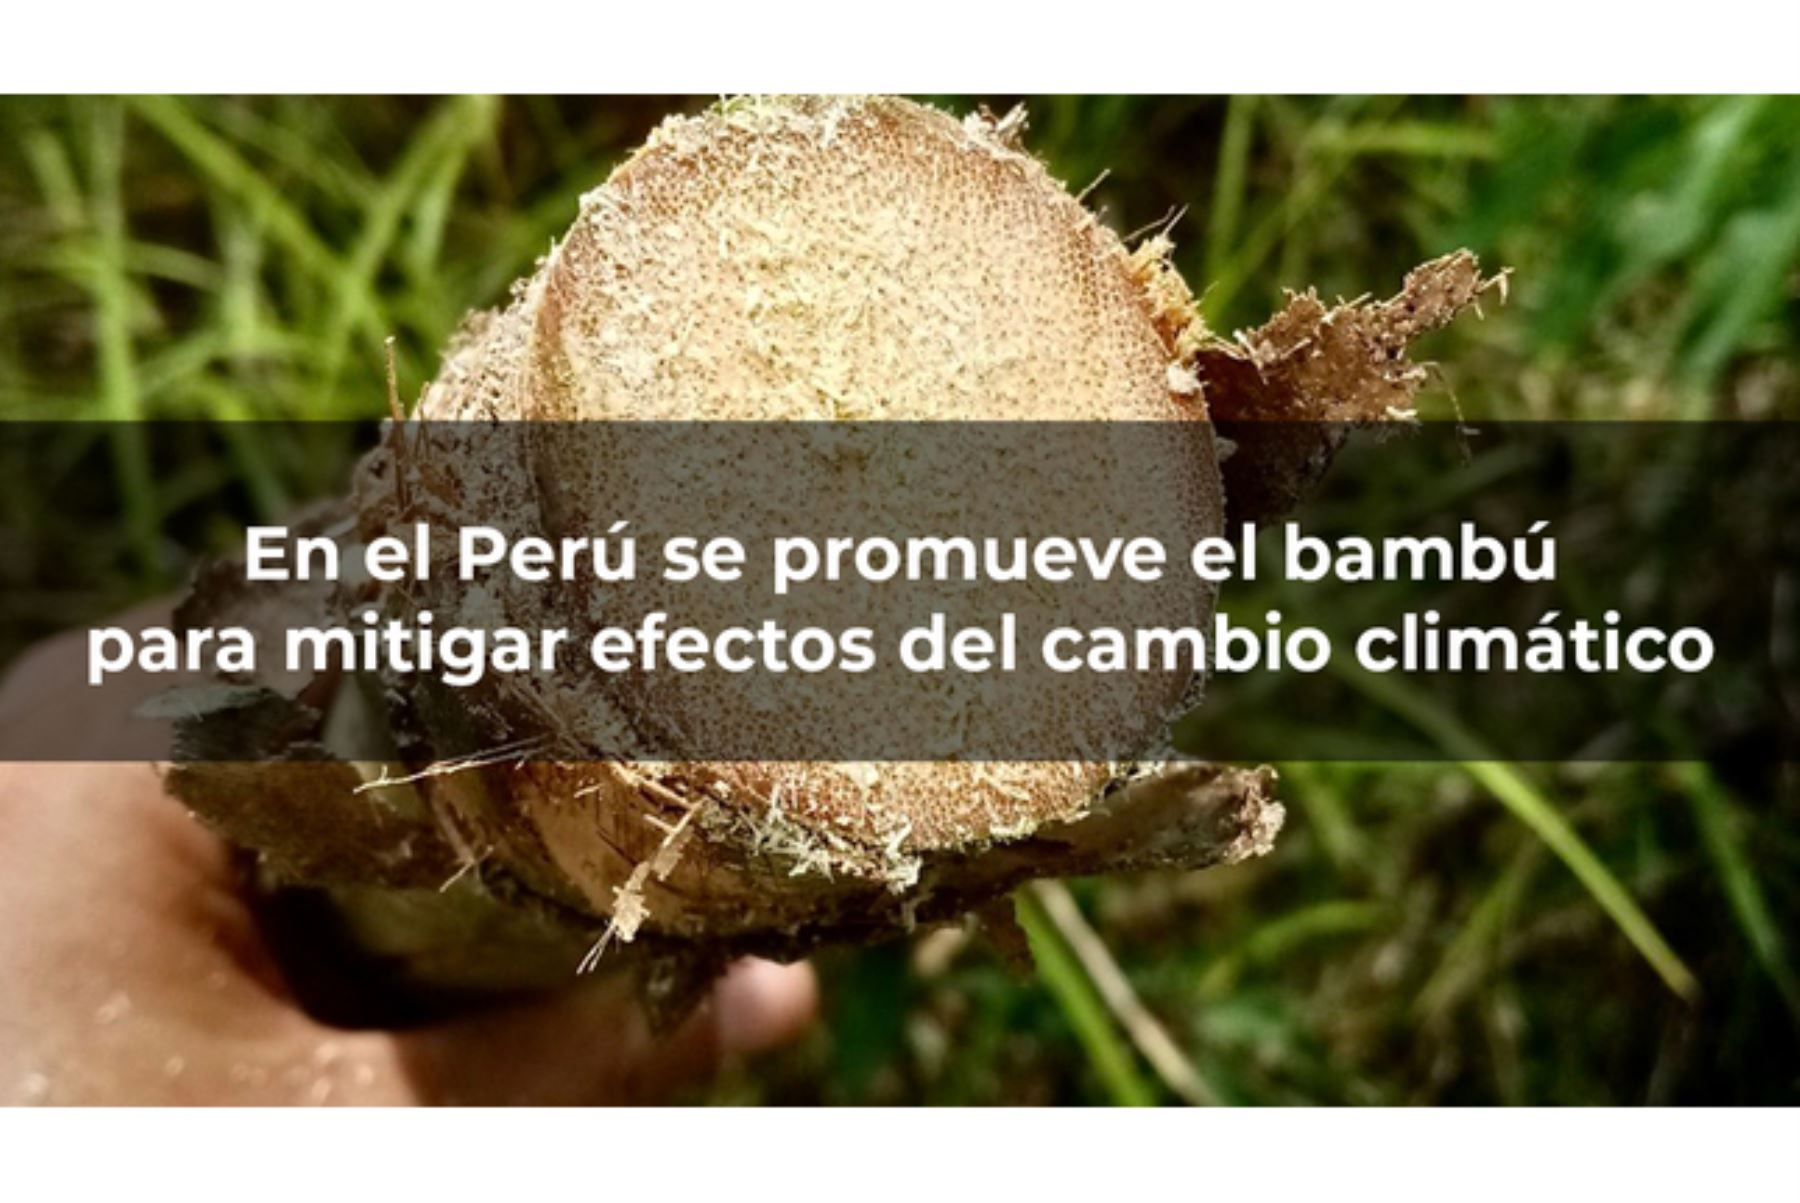 El bambú es un recurso presente en las regiones tropicales y subtropicales del mundo. Foto: ANDINA/Difusión